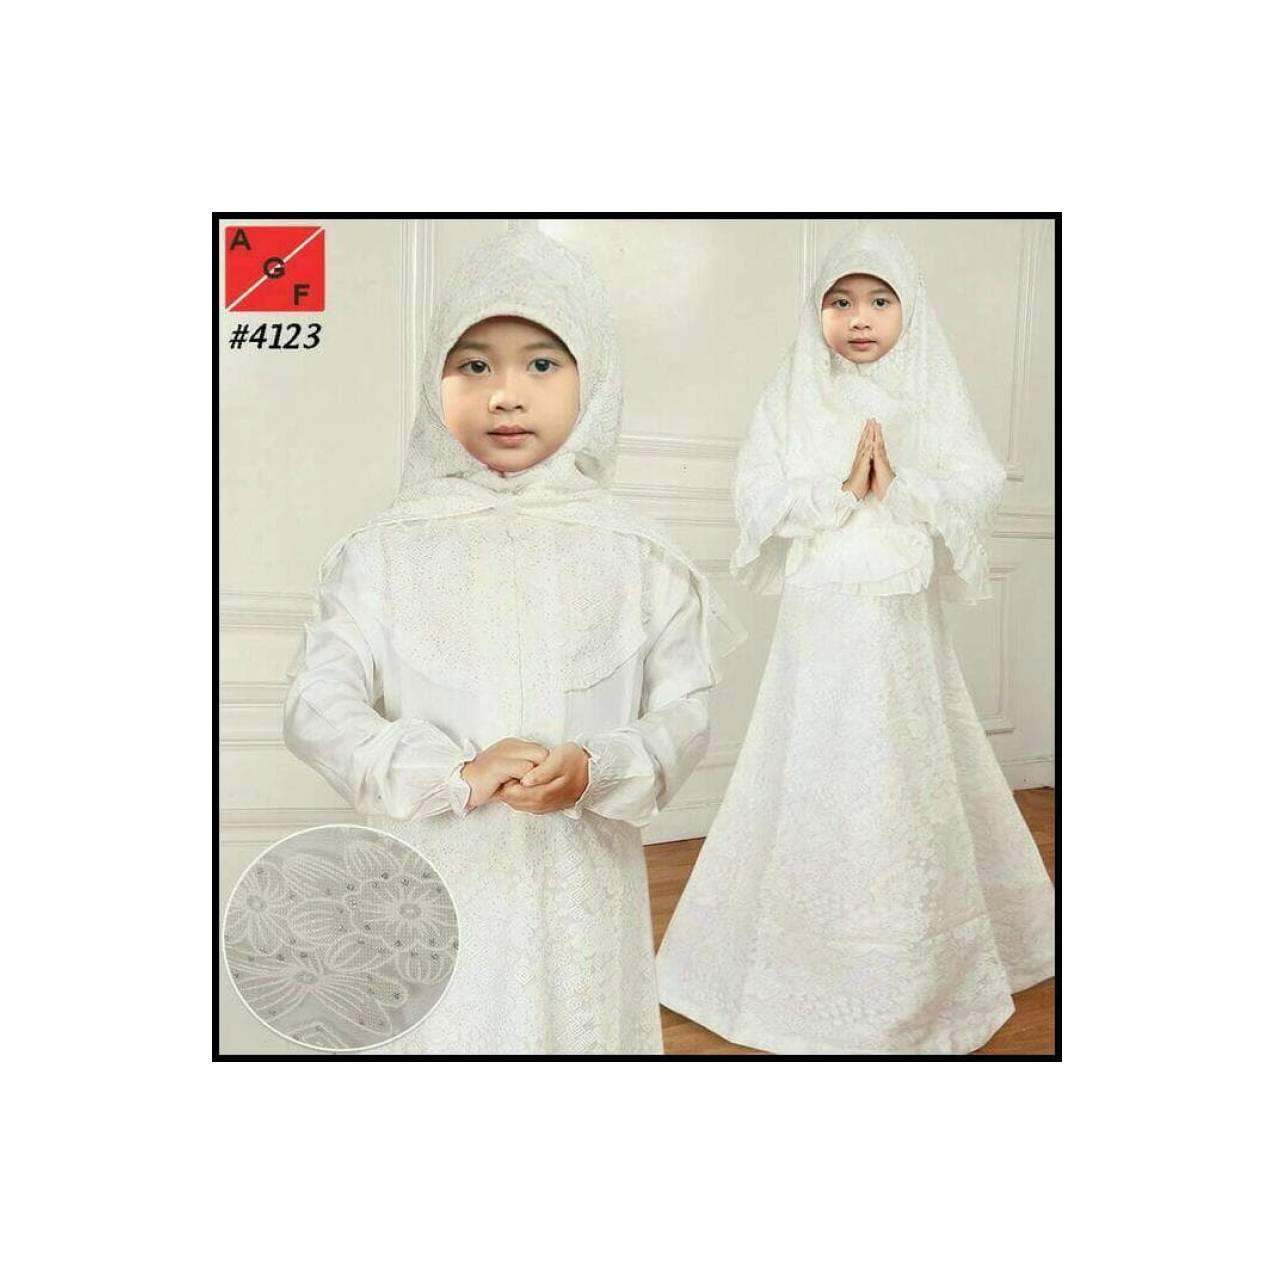 Busana Muslim Gamis Putih untuk Anak Kecil Perempuan dan Remaja.